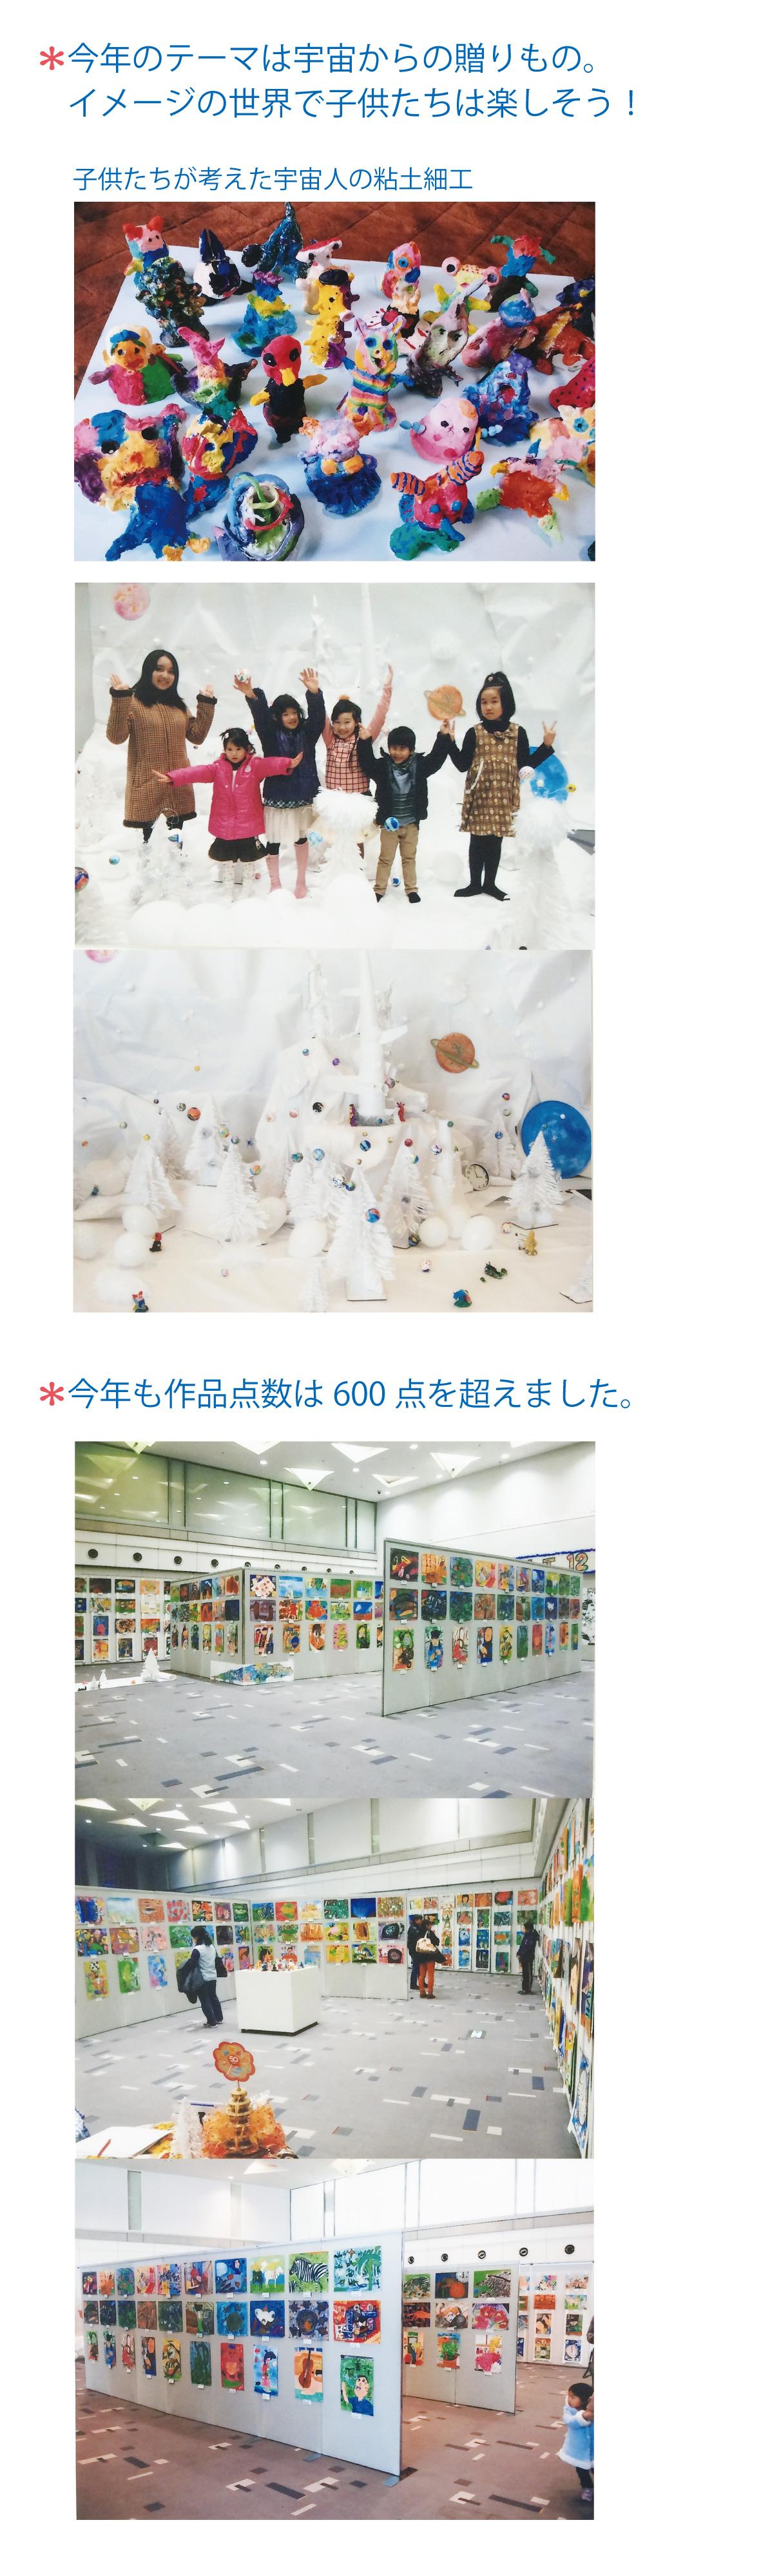 20150707164442b1d.jpg